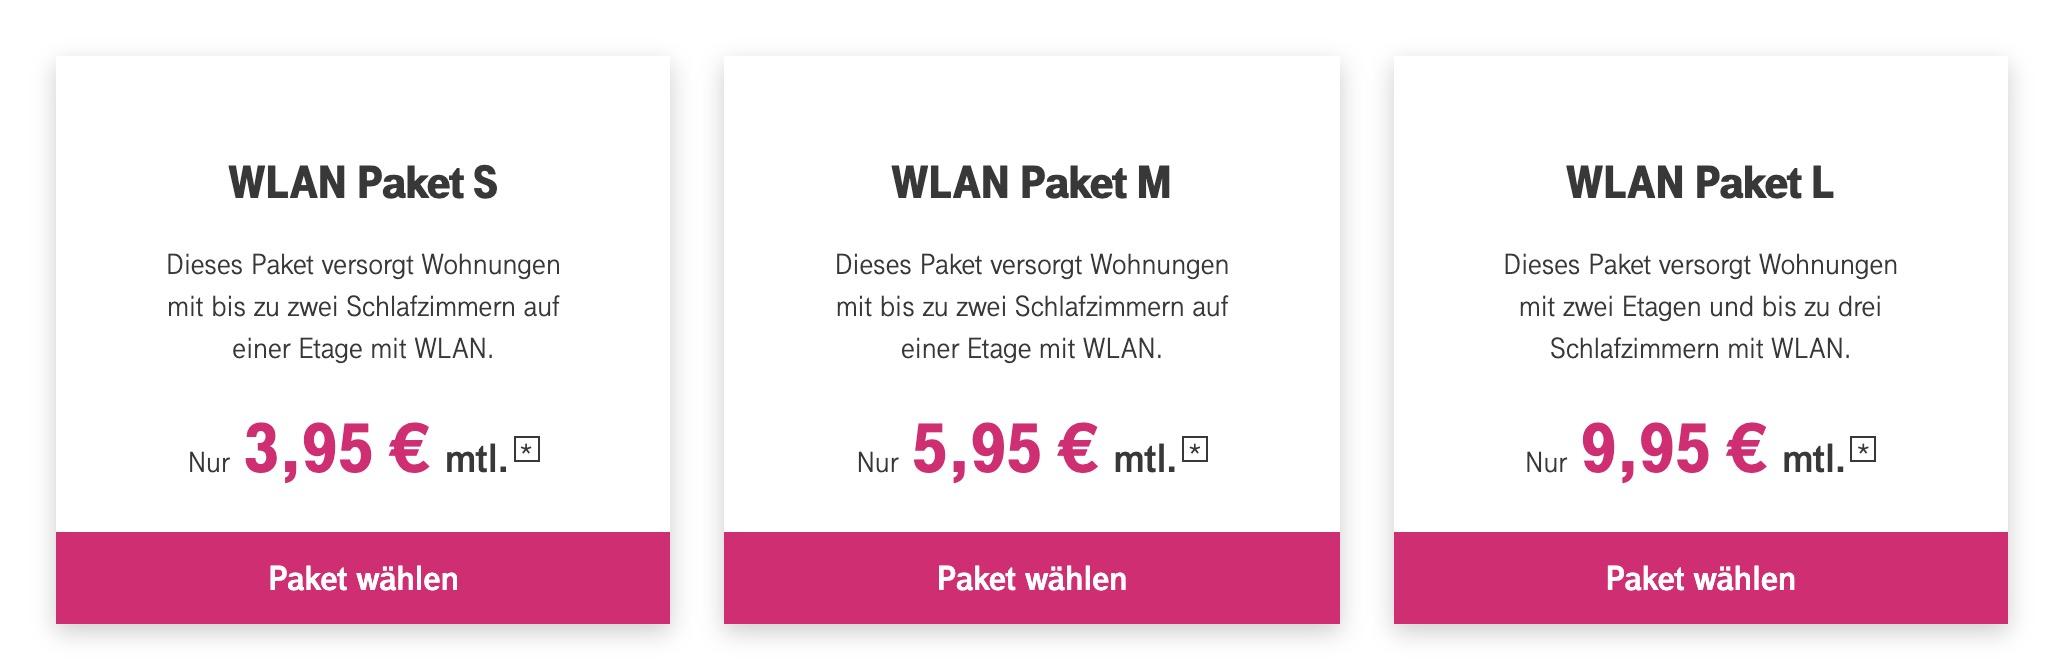 Telekom Wlan Paket